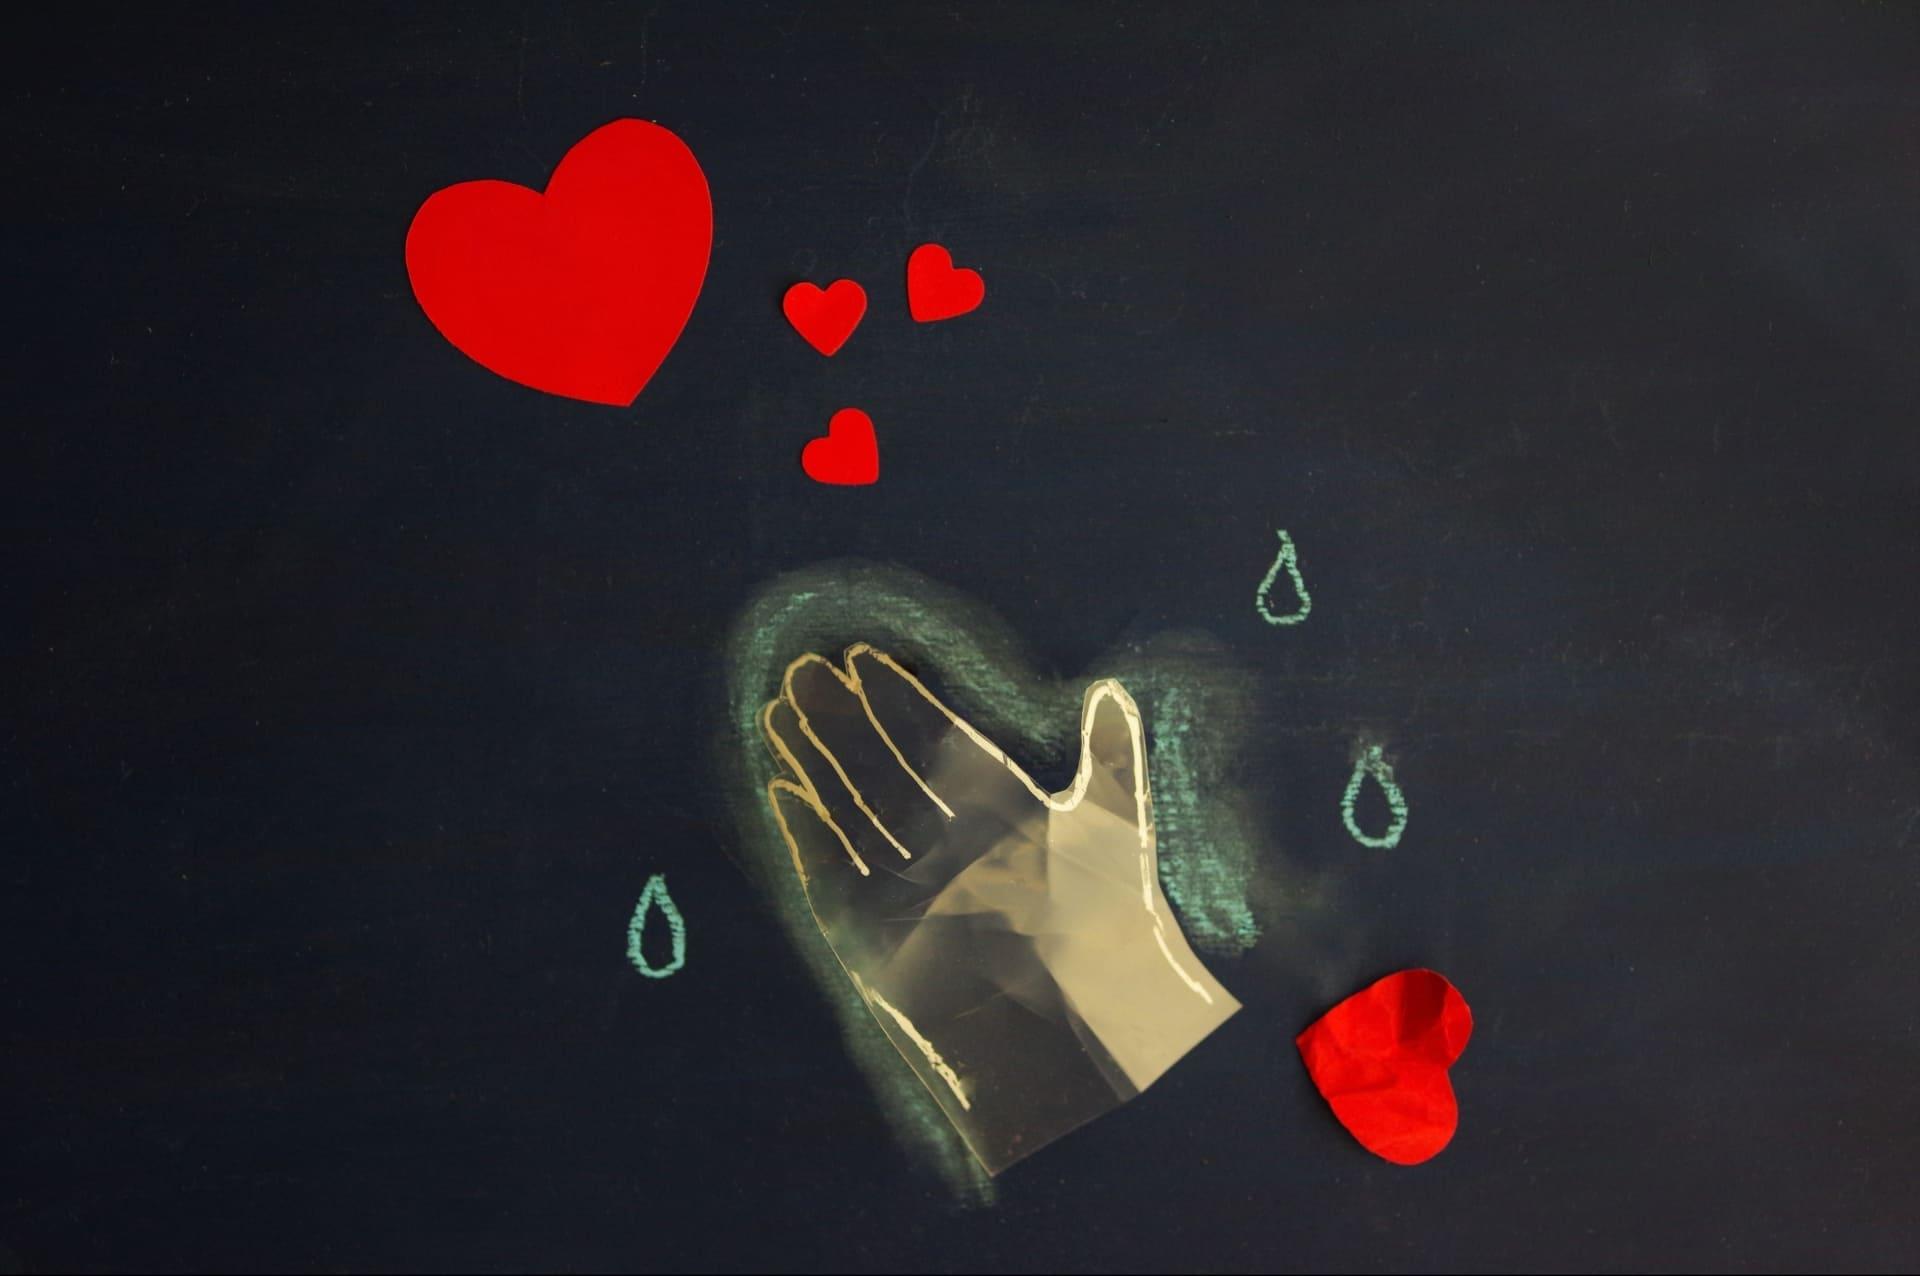 愛情の枯渇のイメージ